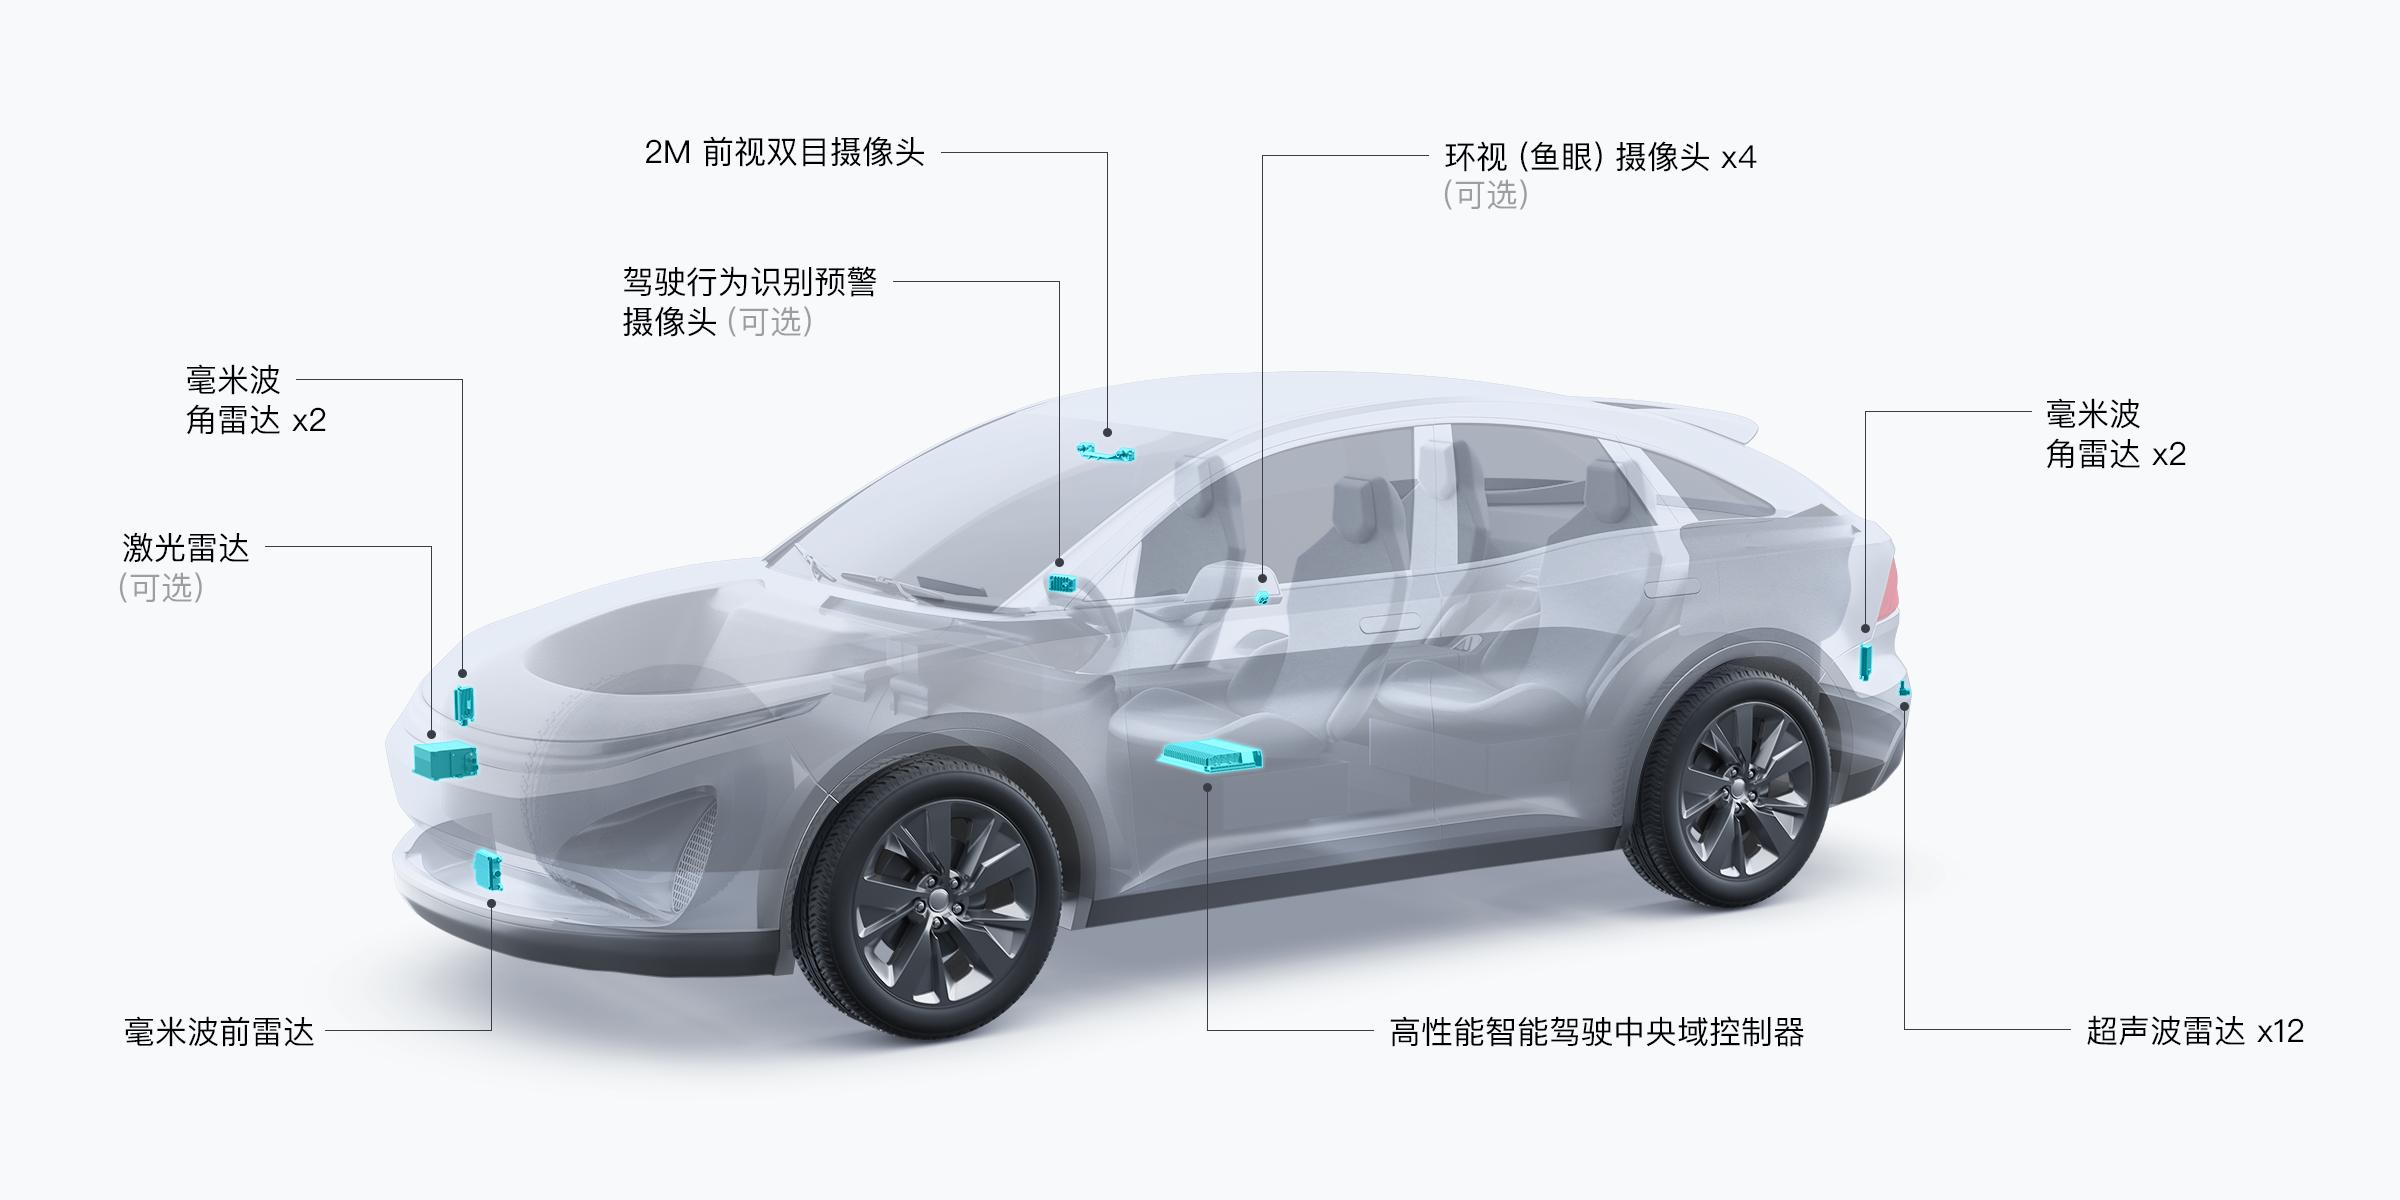 最前线 | 大疆车载展出智能驾驶解决方案及核心零部件,量产车型计划年内落地